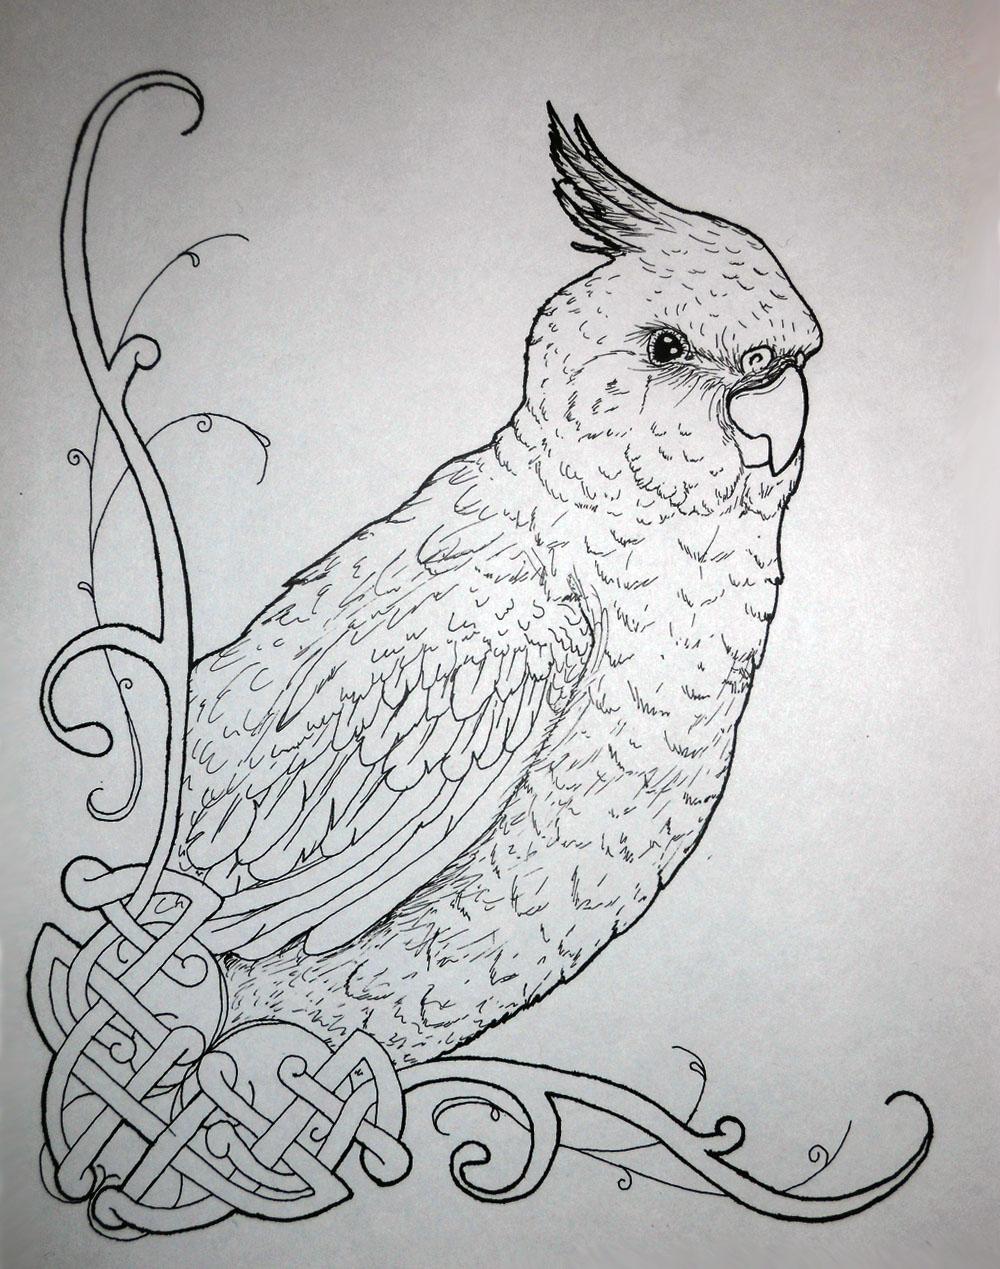 cockatiel bird coloring pages - photo#12